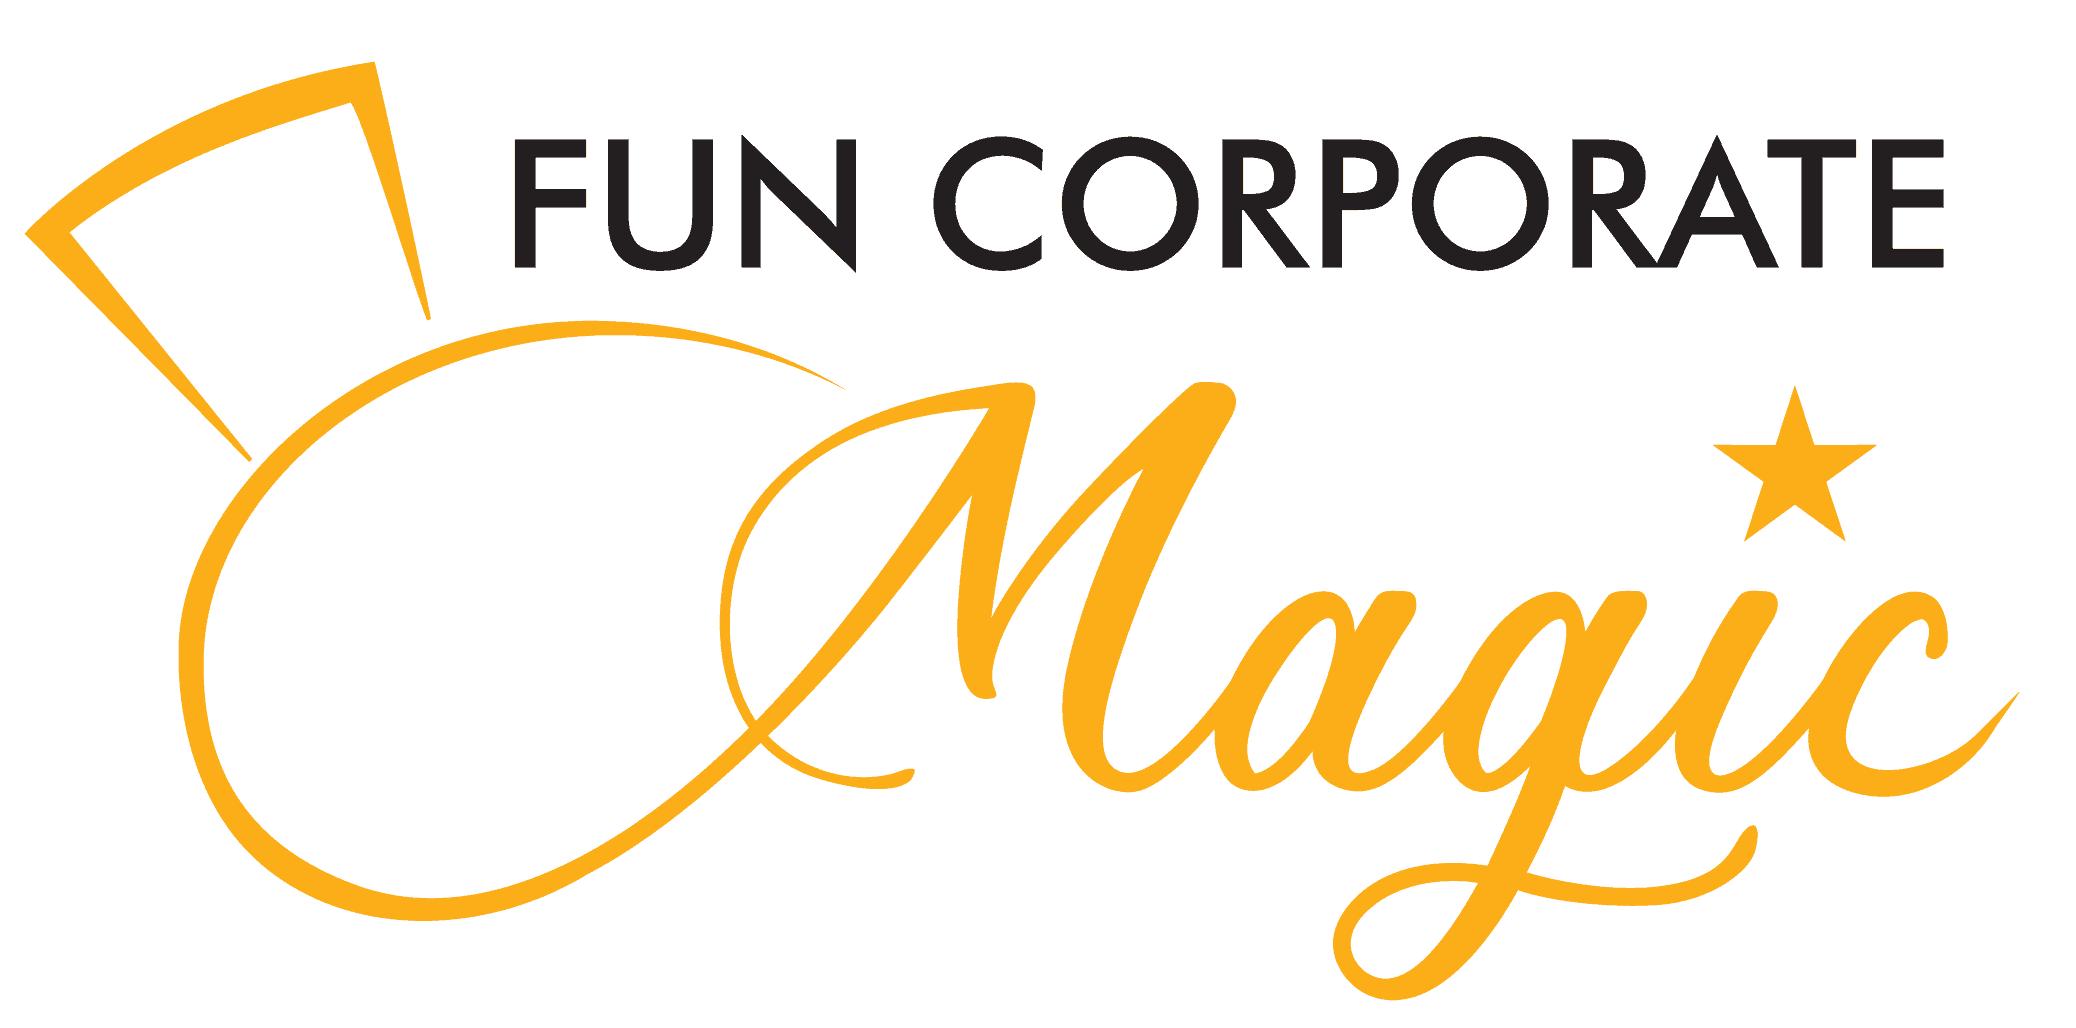 Fun Corporate Magic